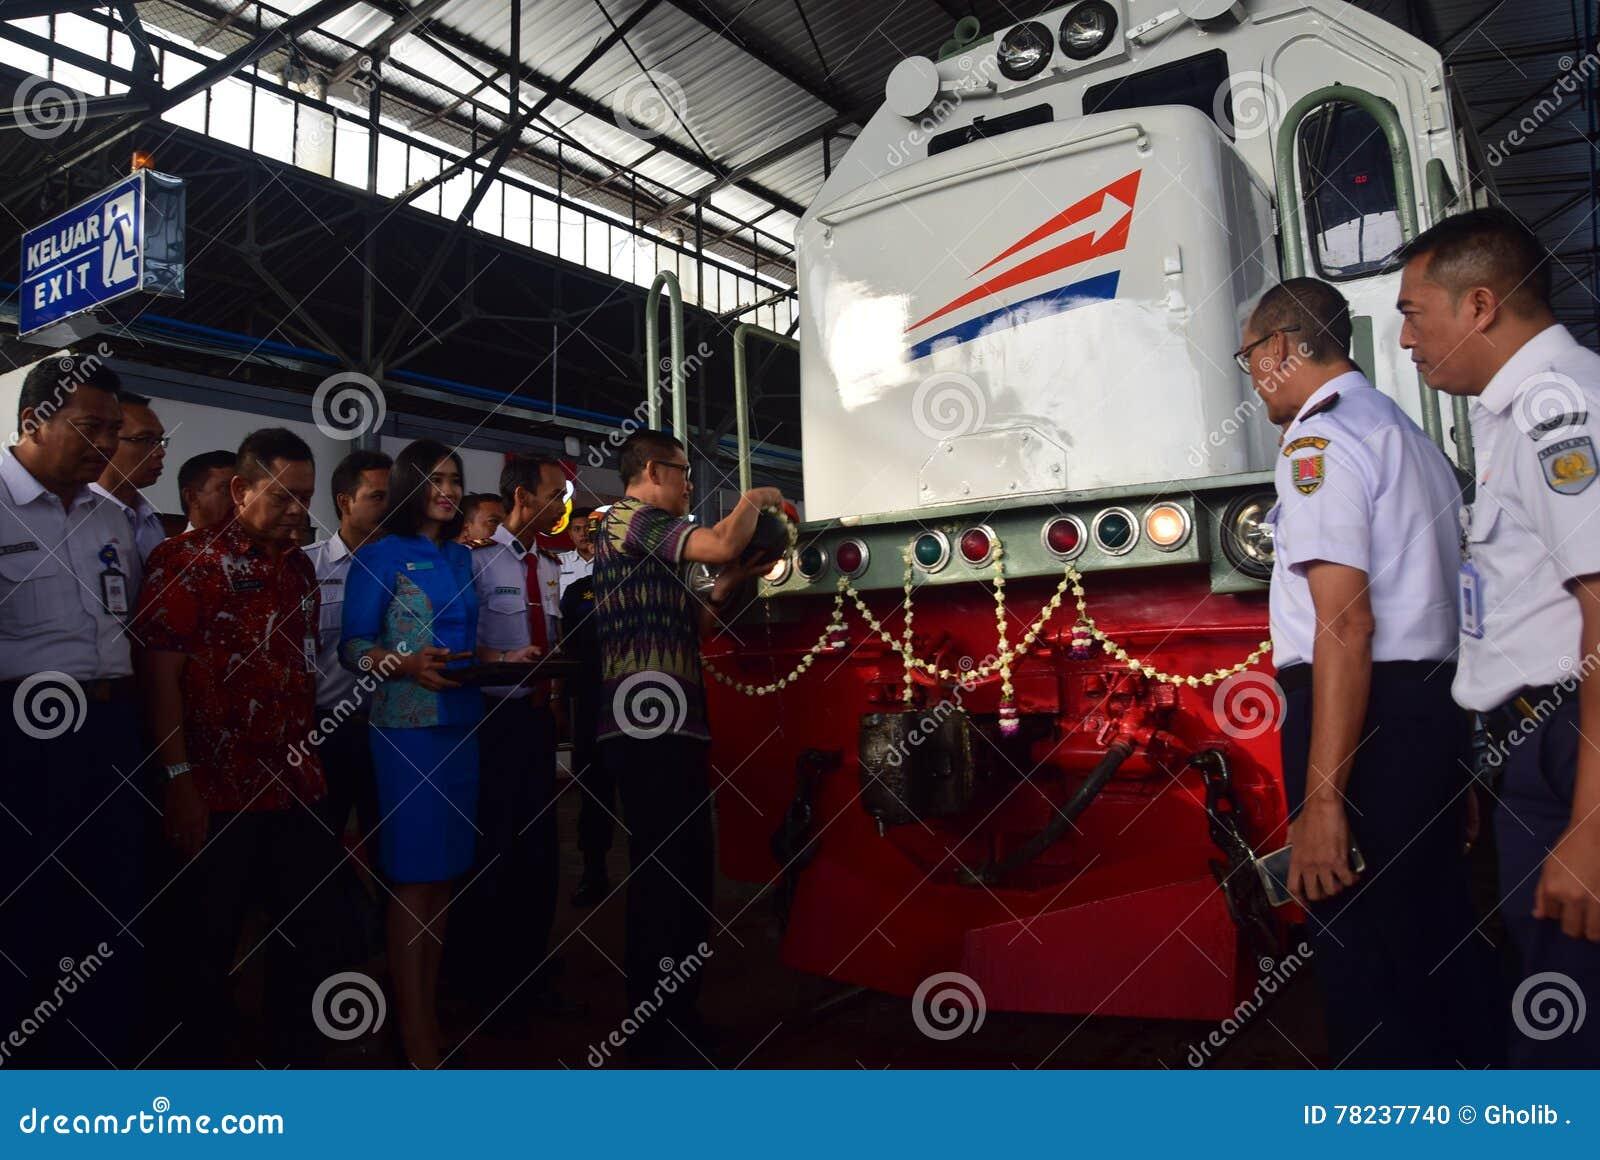 La premier del viaje de tren expreso de Ambarawa